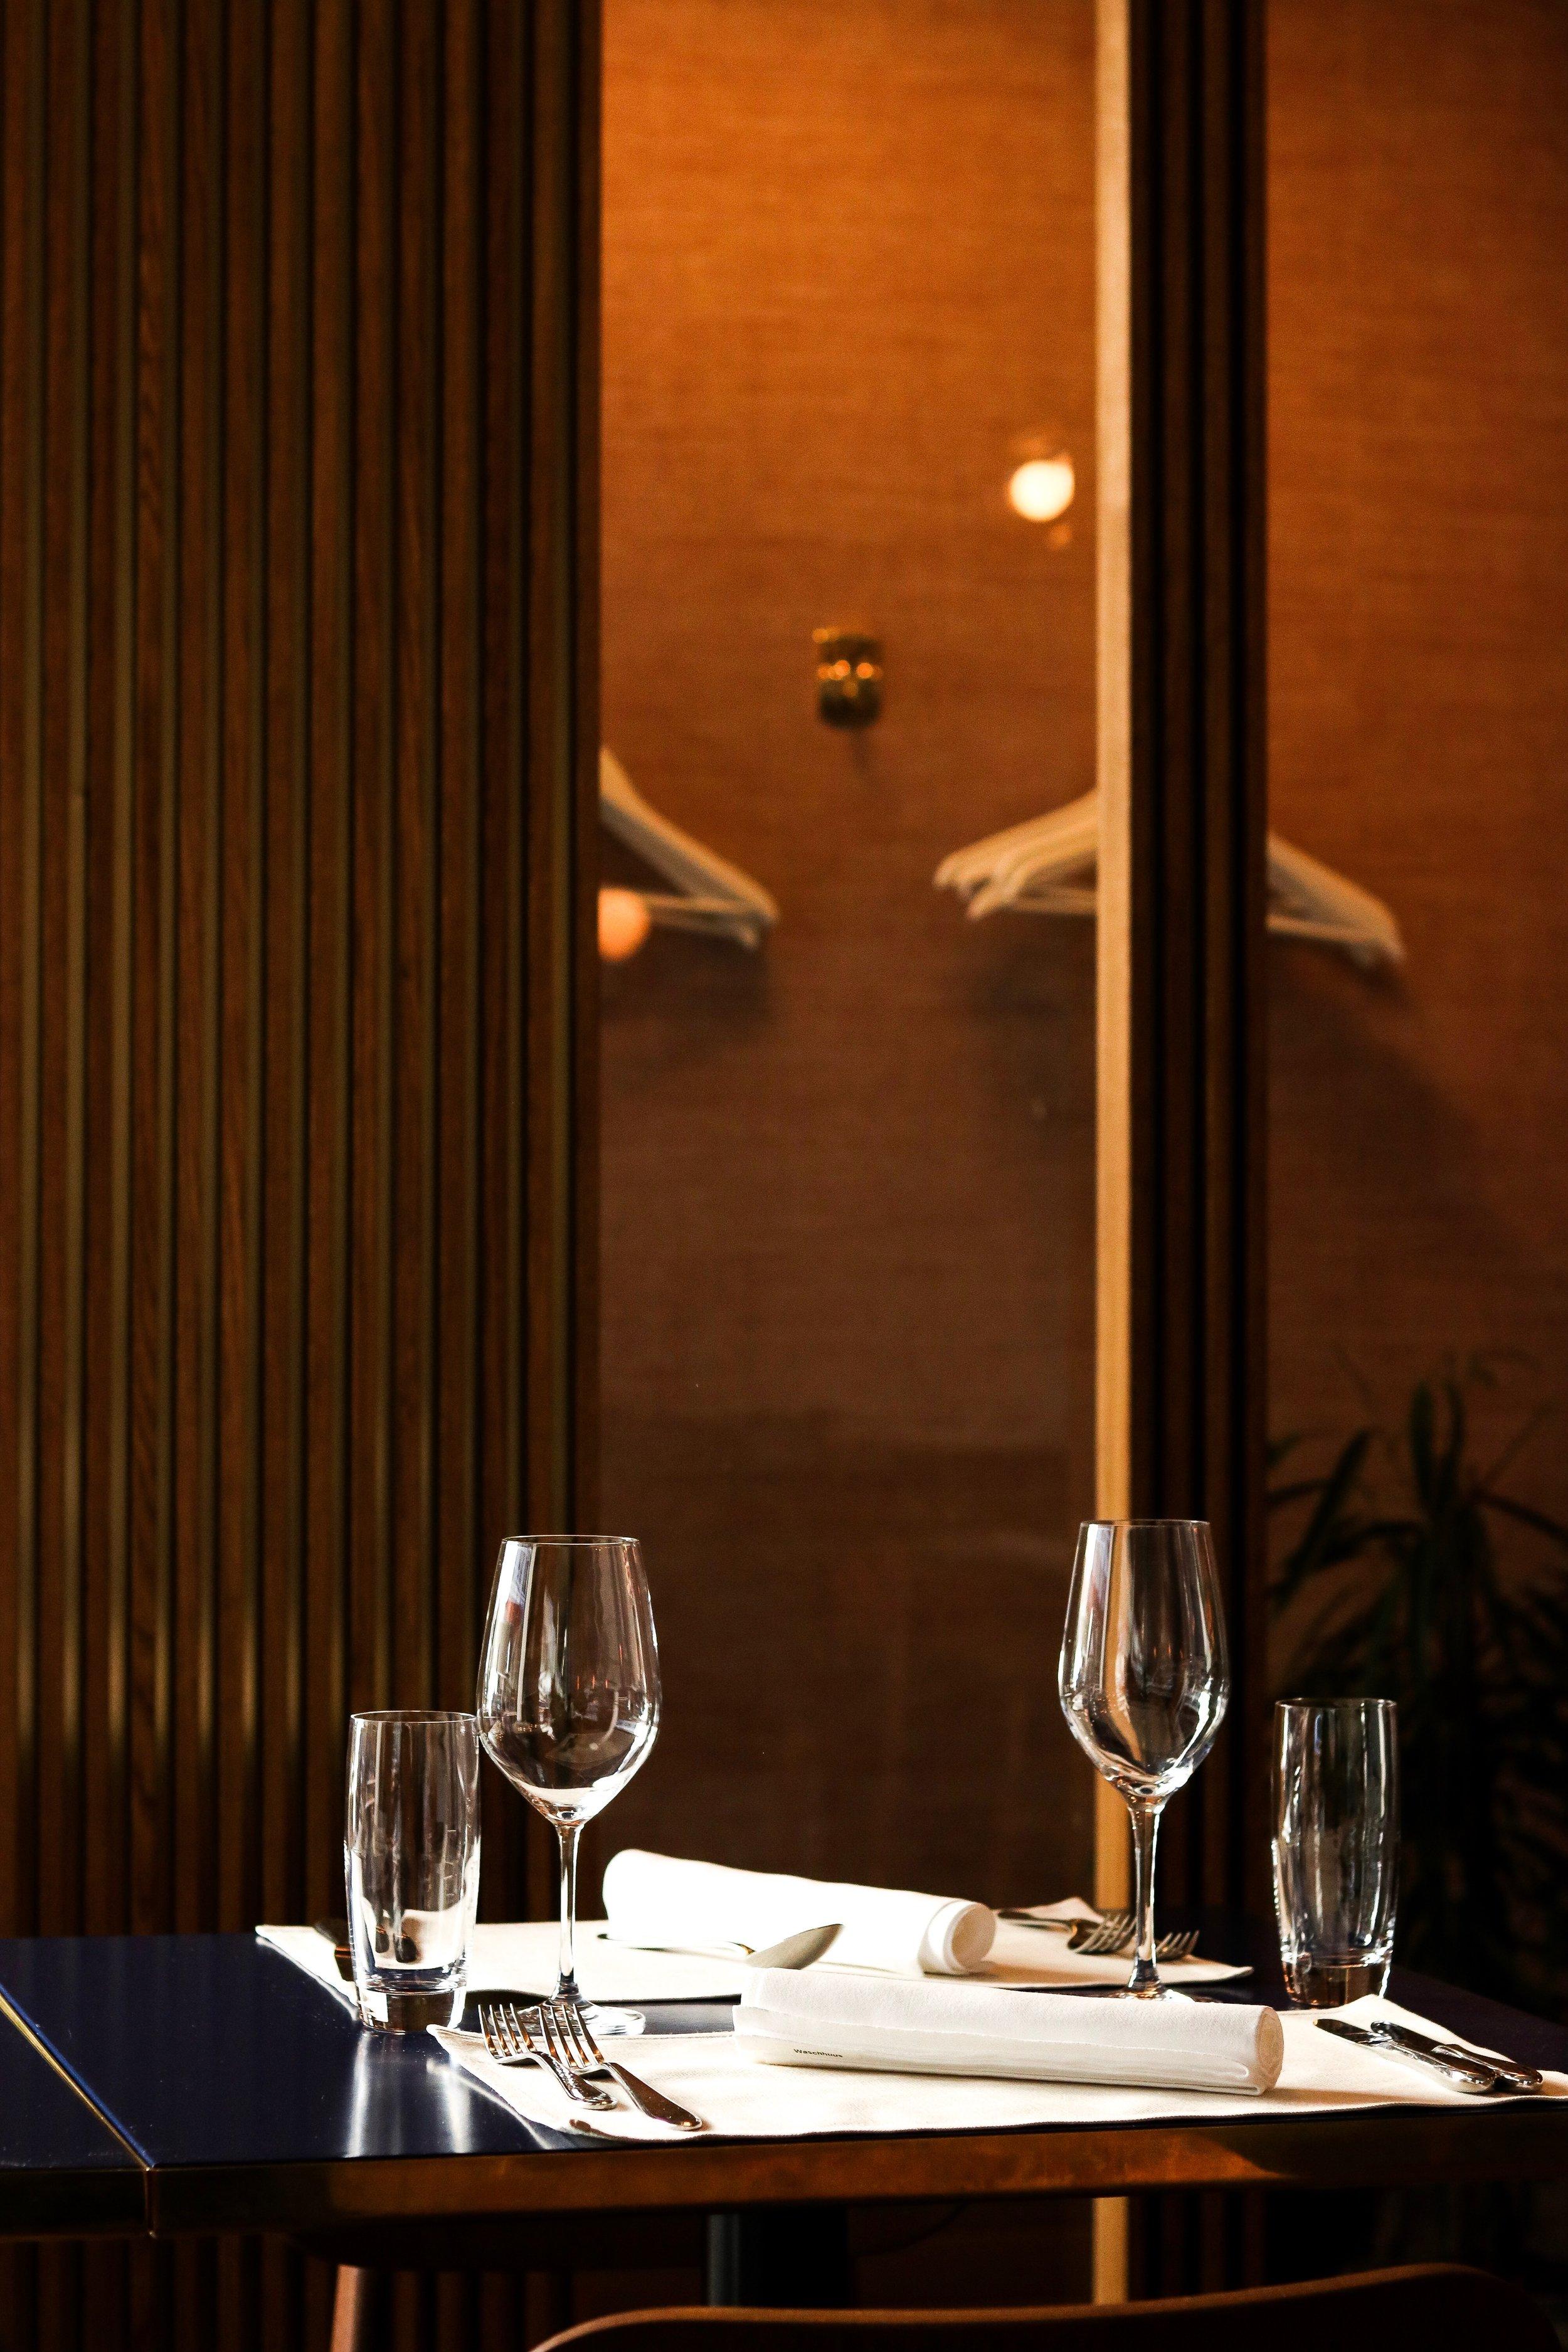 Luzern isst - Restaurant Portfino Luzern